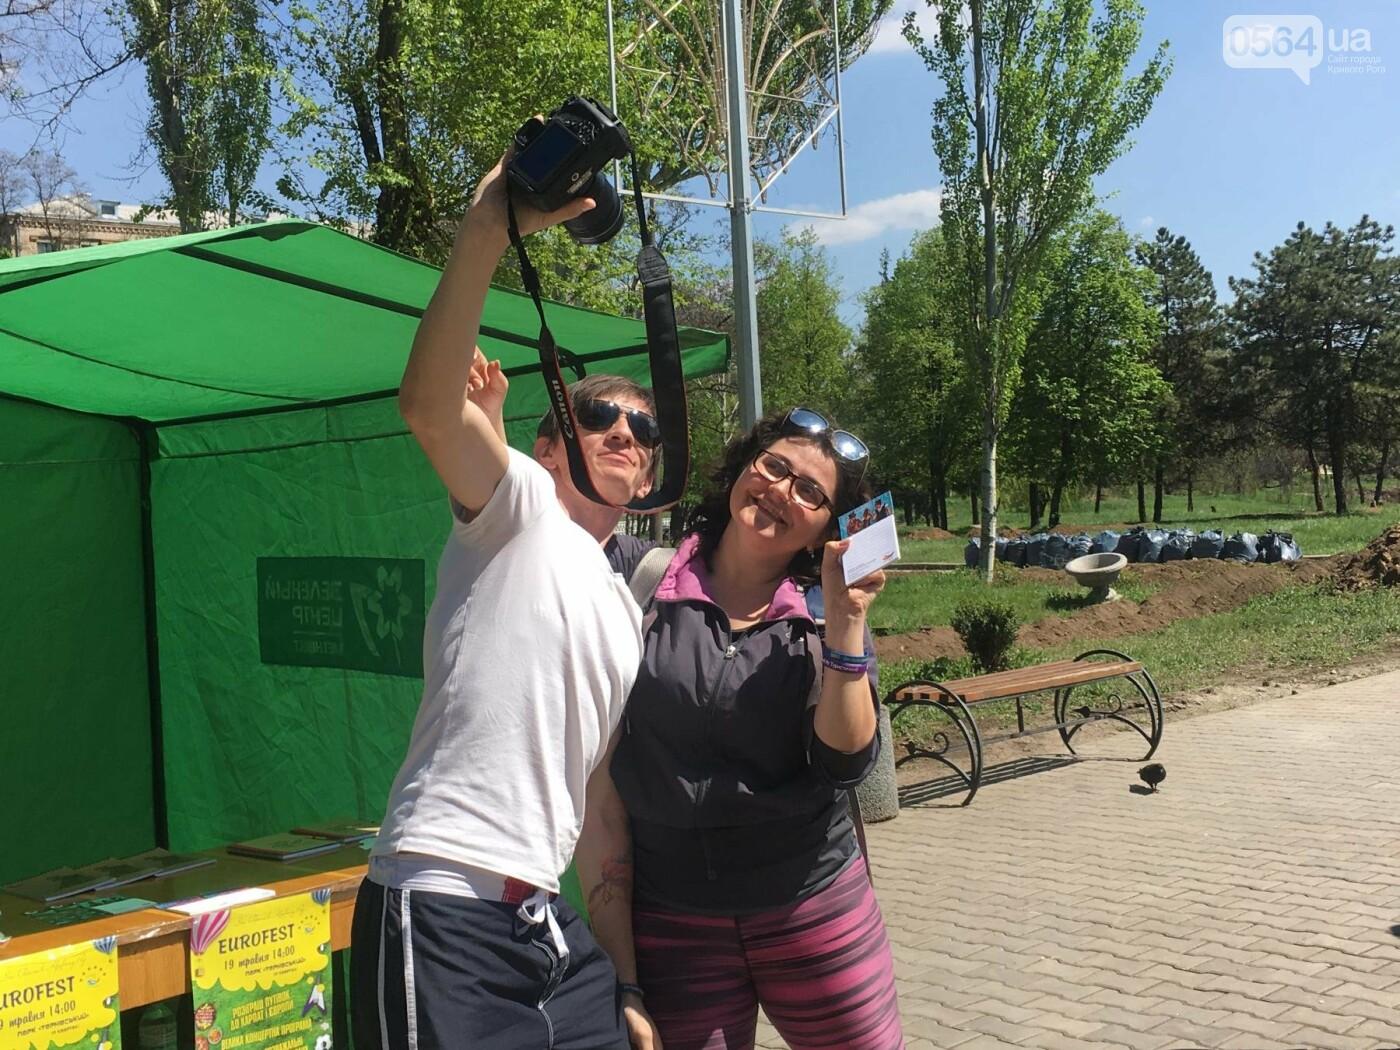 """""""В Европу без мусора!"""": криворожане помогли подготовить парк к Еврофесту (ФОТО), фото-39"""